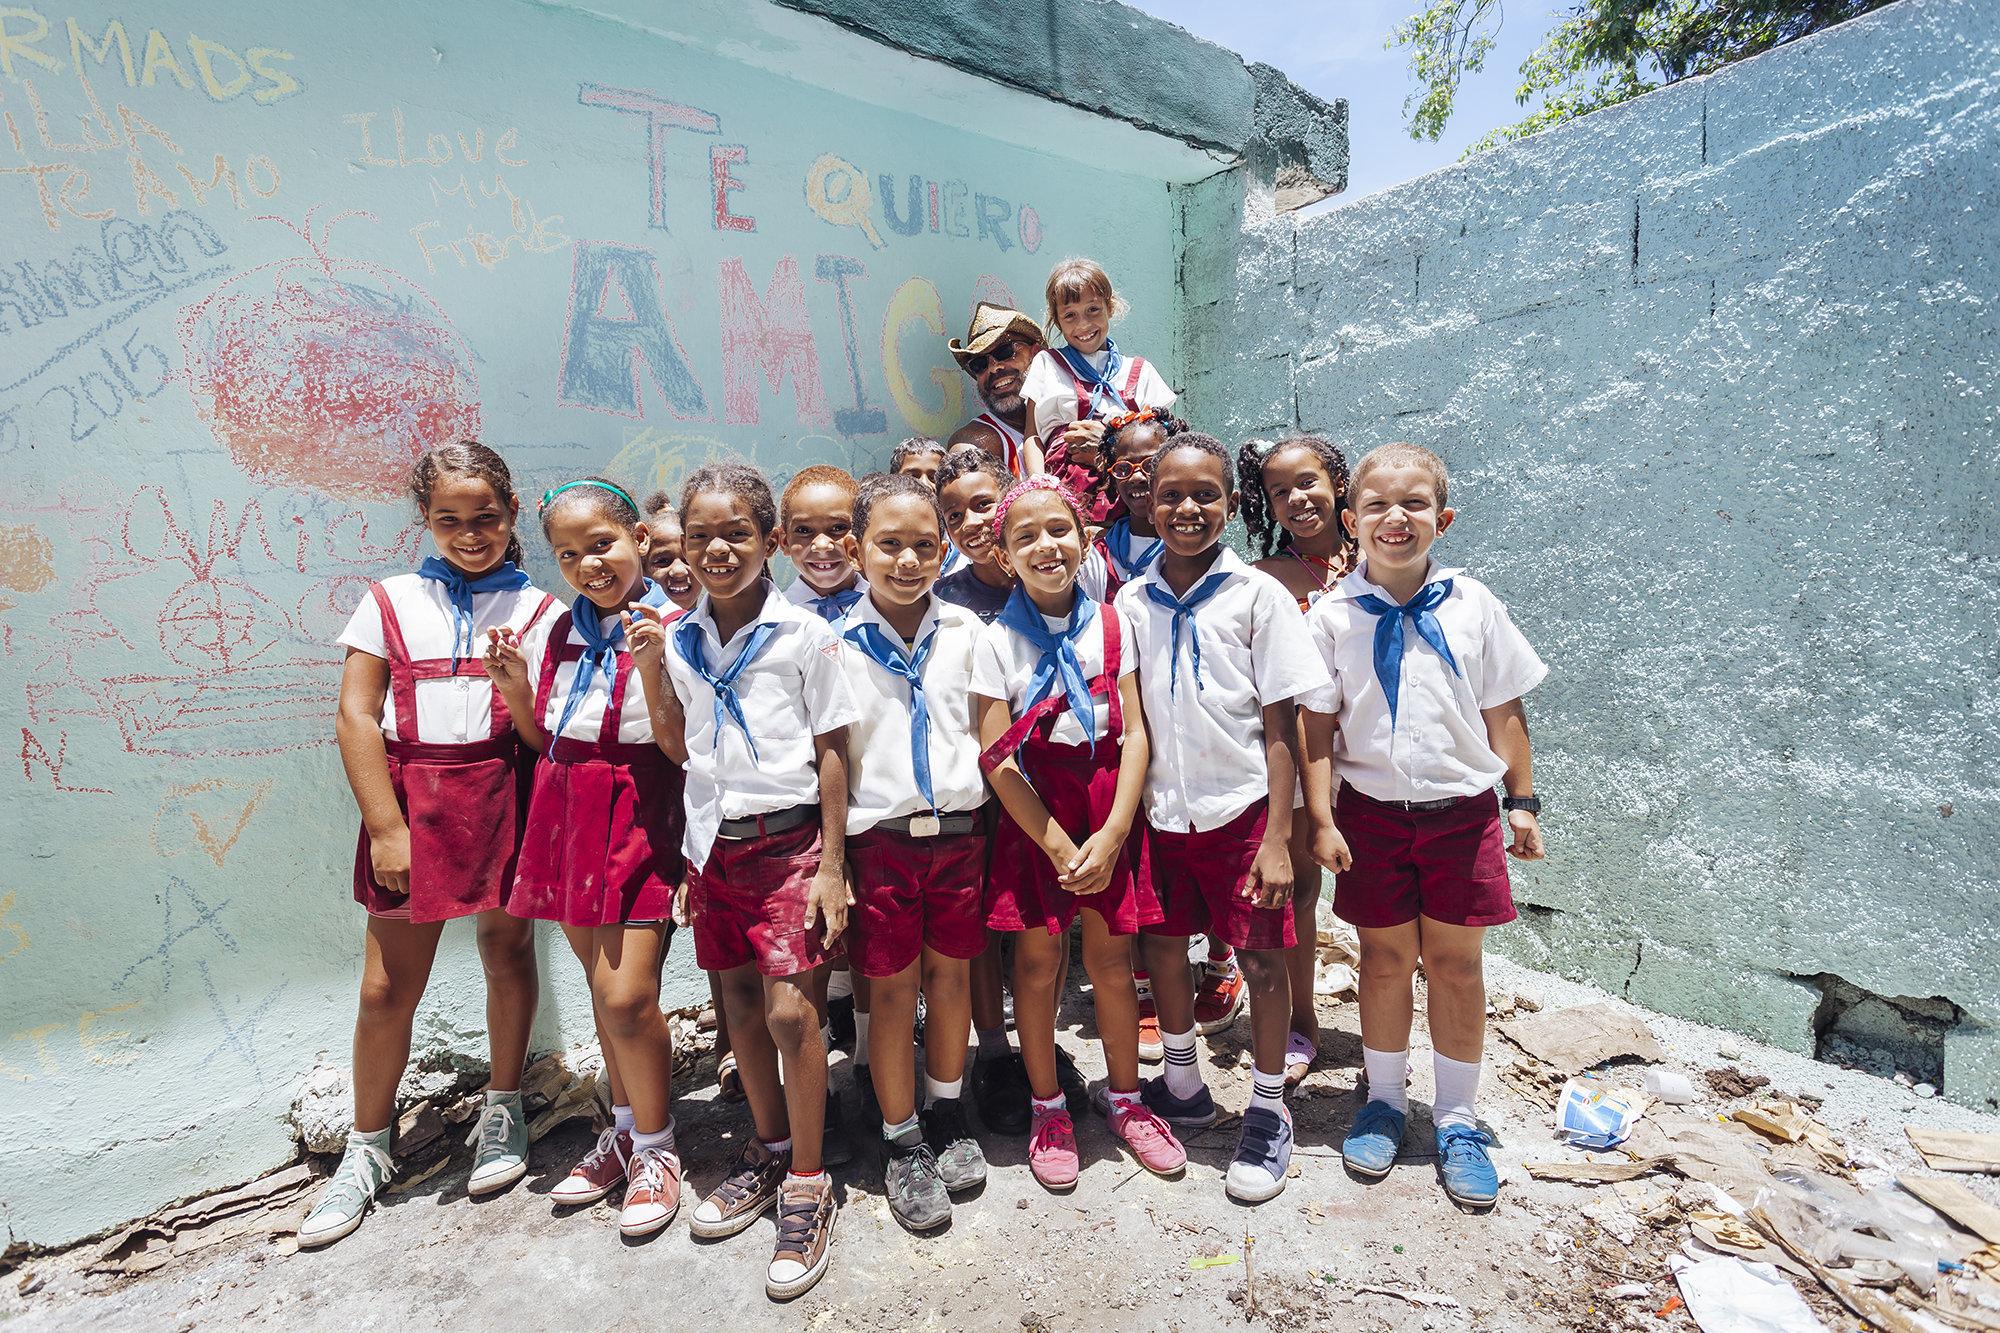 """Rene Lecour, founder of <a href=""""http://www.amigoskate.com/#amigo"""">Amigo Skate</a>, with the school children. (All Photos are"""